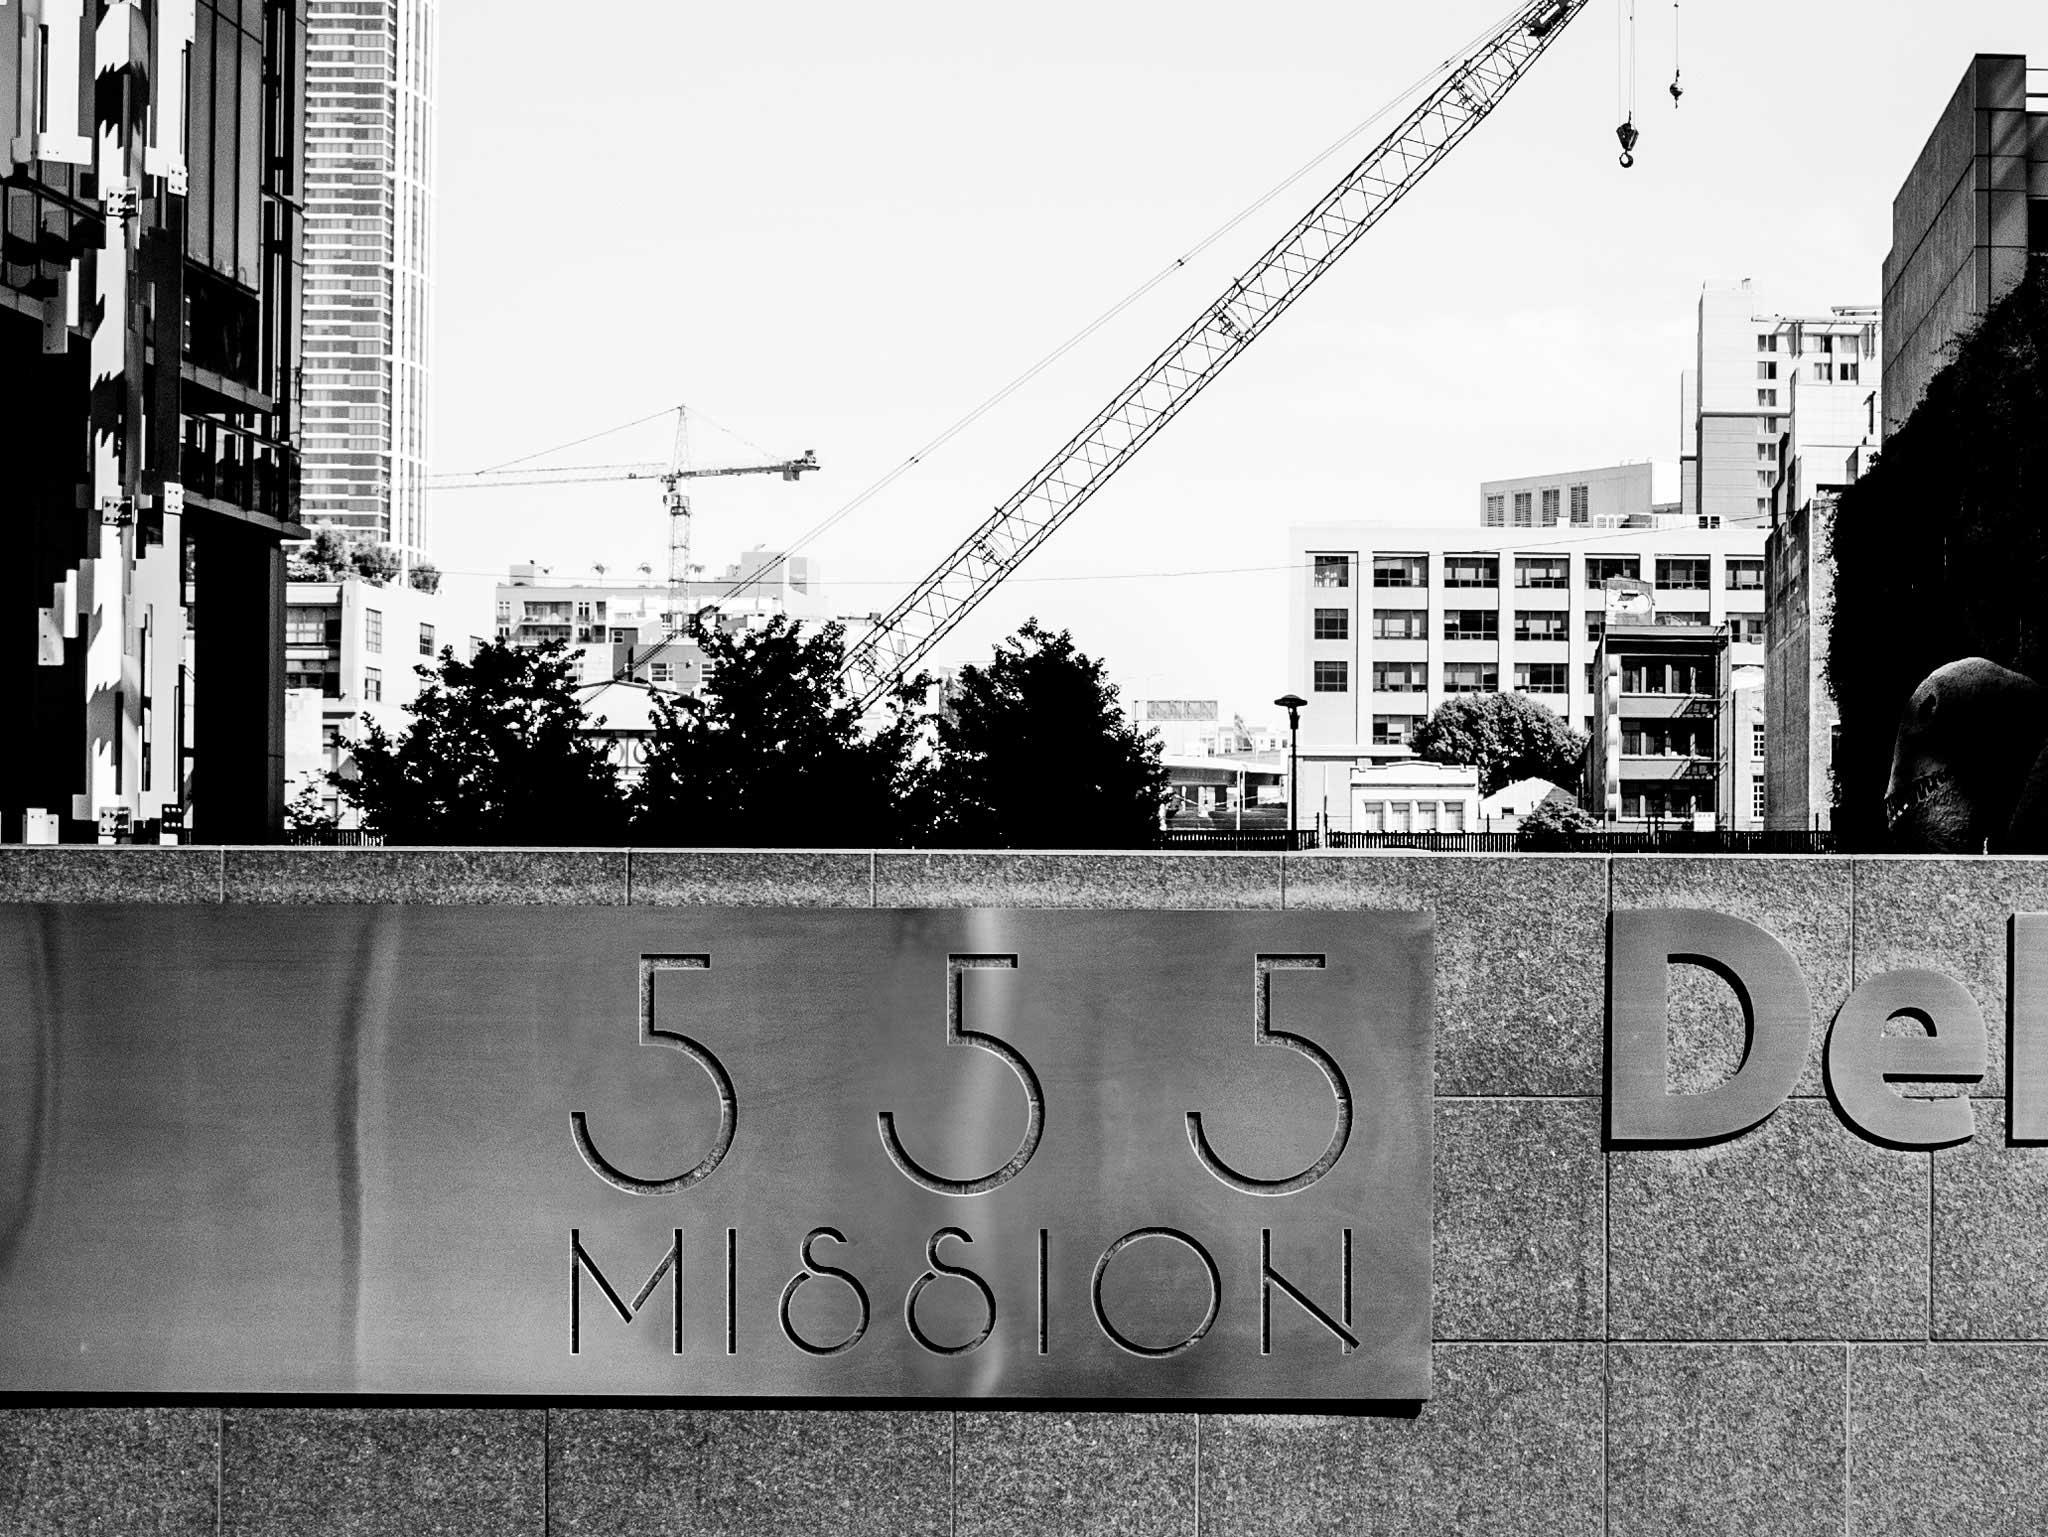 J 555 Mission composition